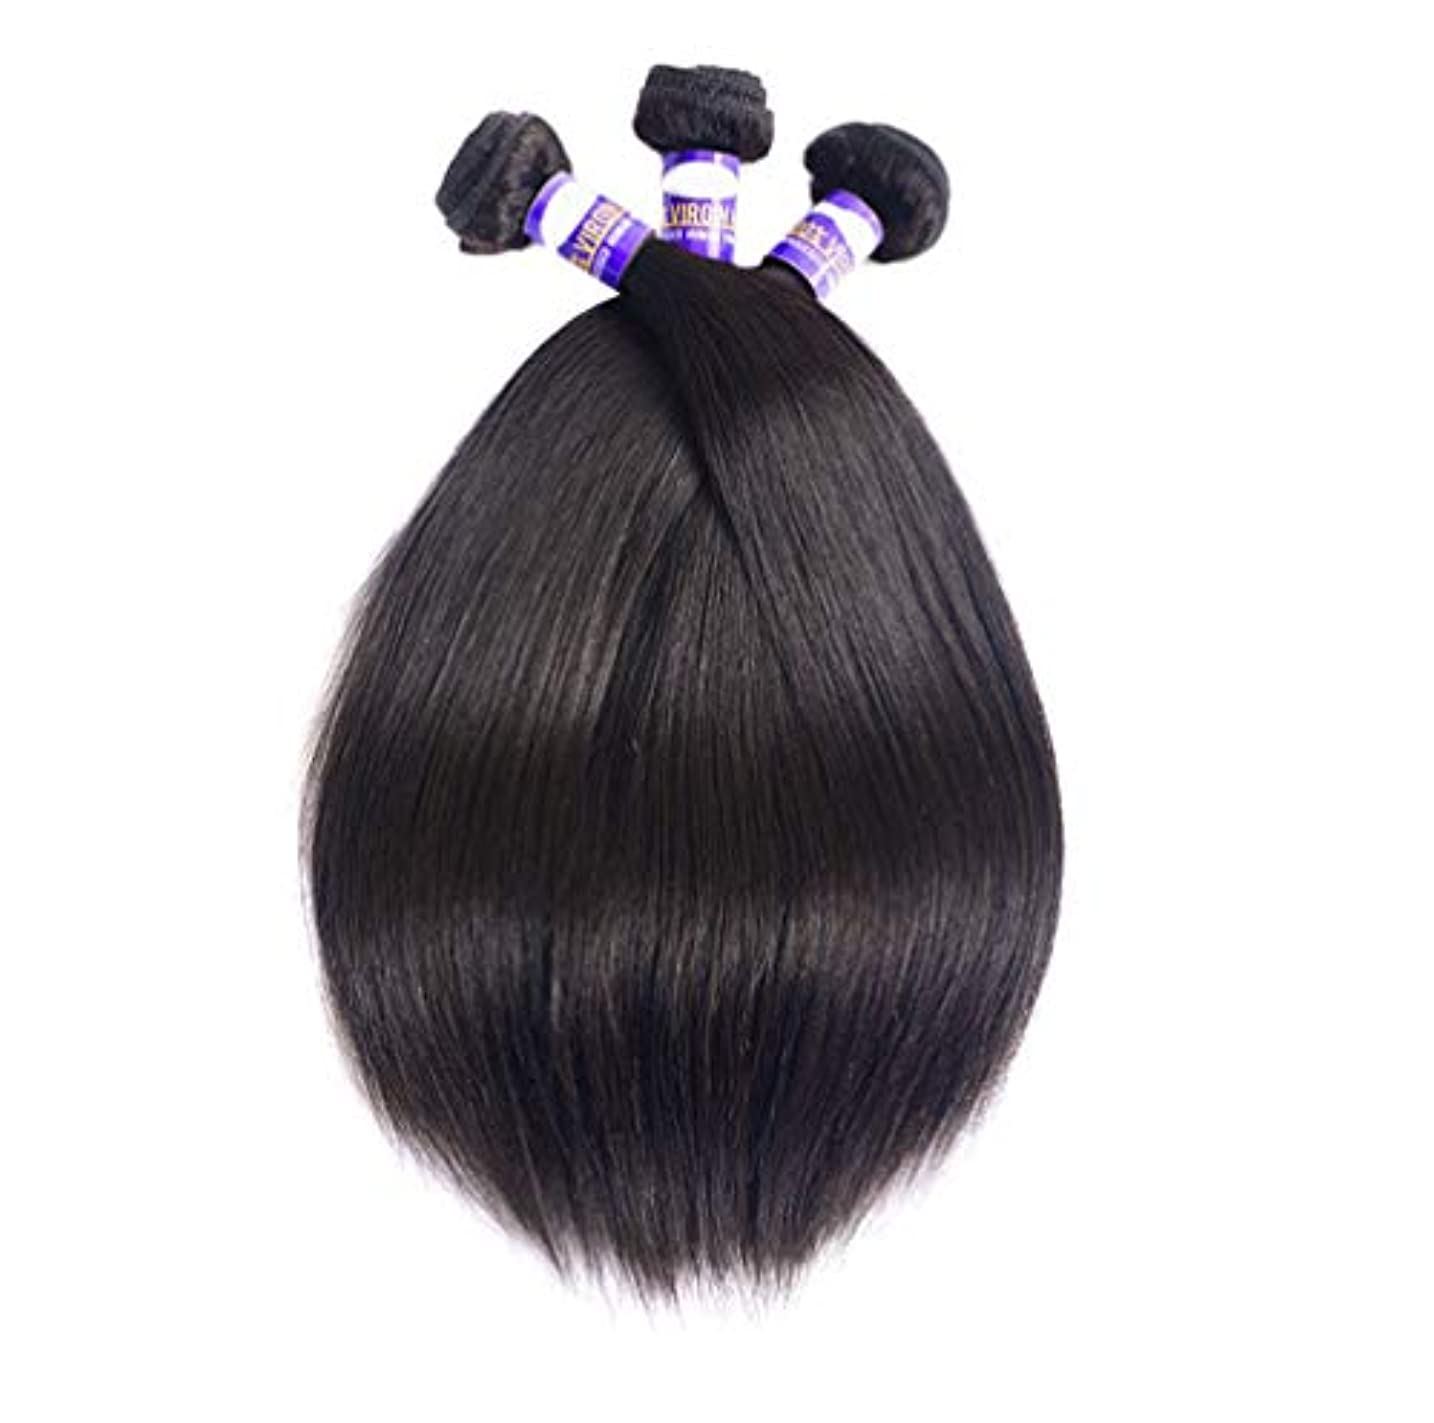 パンサークライマックス書道女性ブラジル髪織り髪束ストレートフリーパーツ未処理ブラジルストレート髪バンドル8Aストレート人間の髪の束(3バンドル)